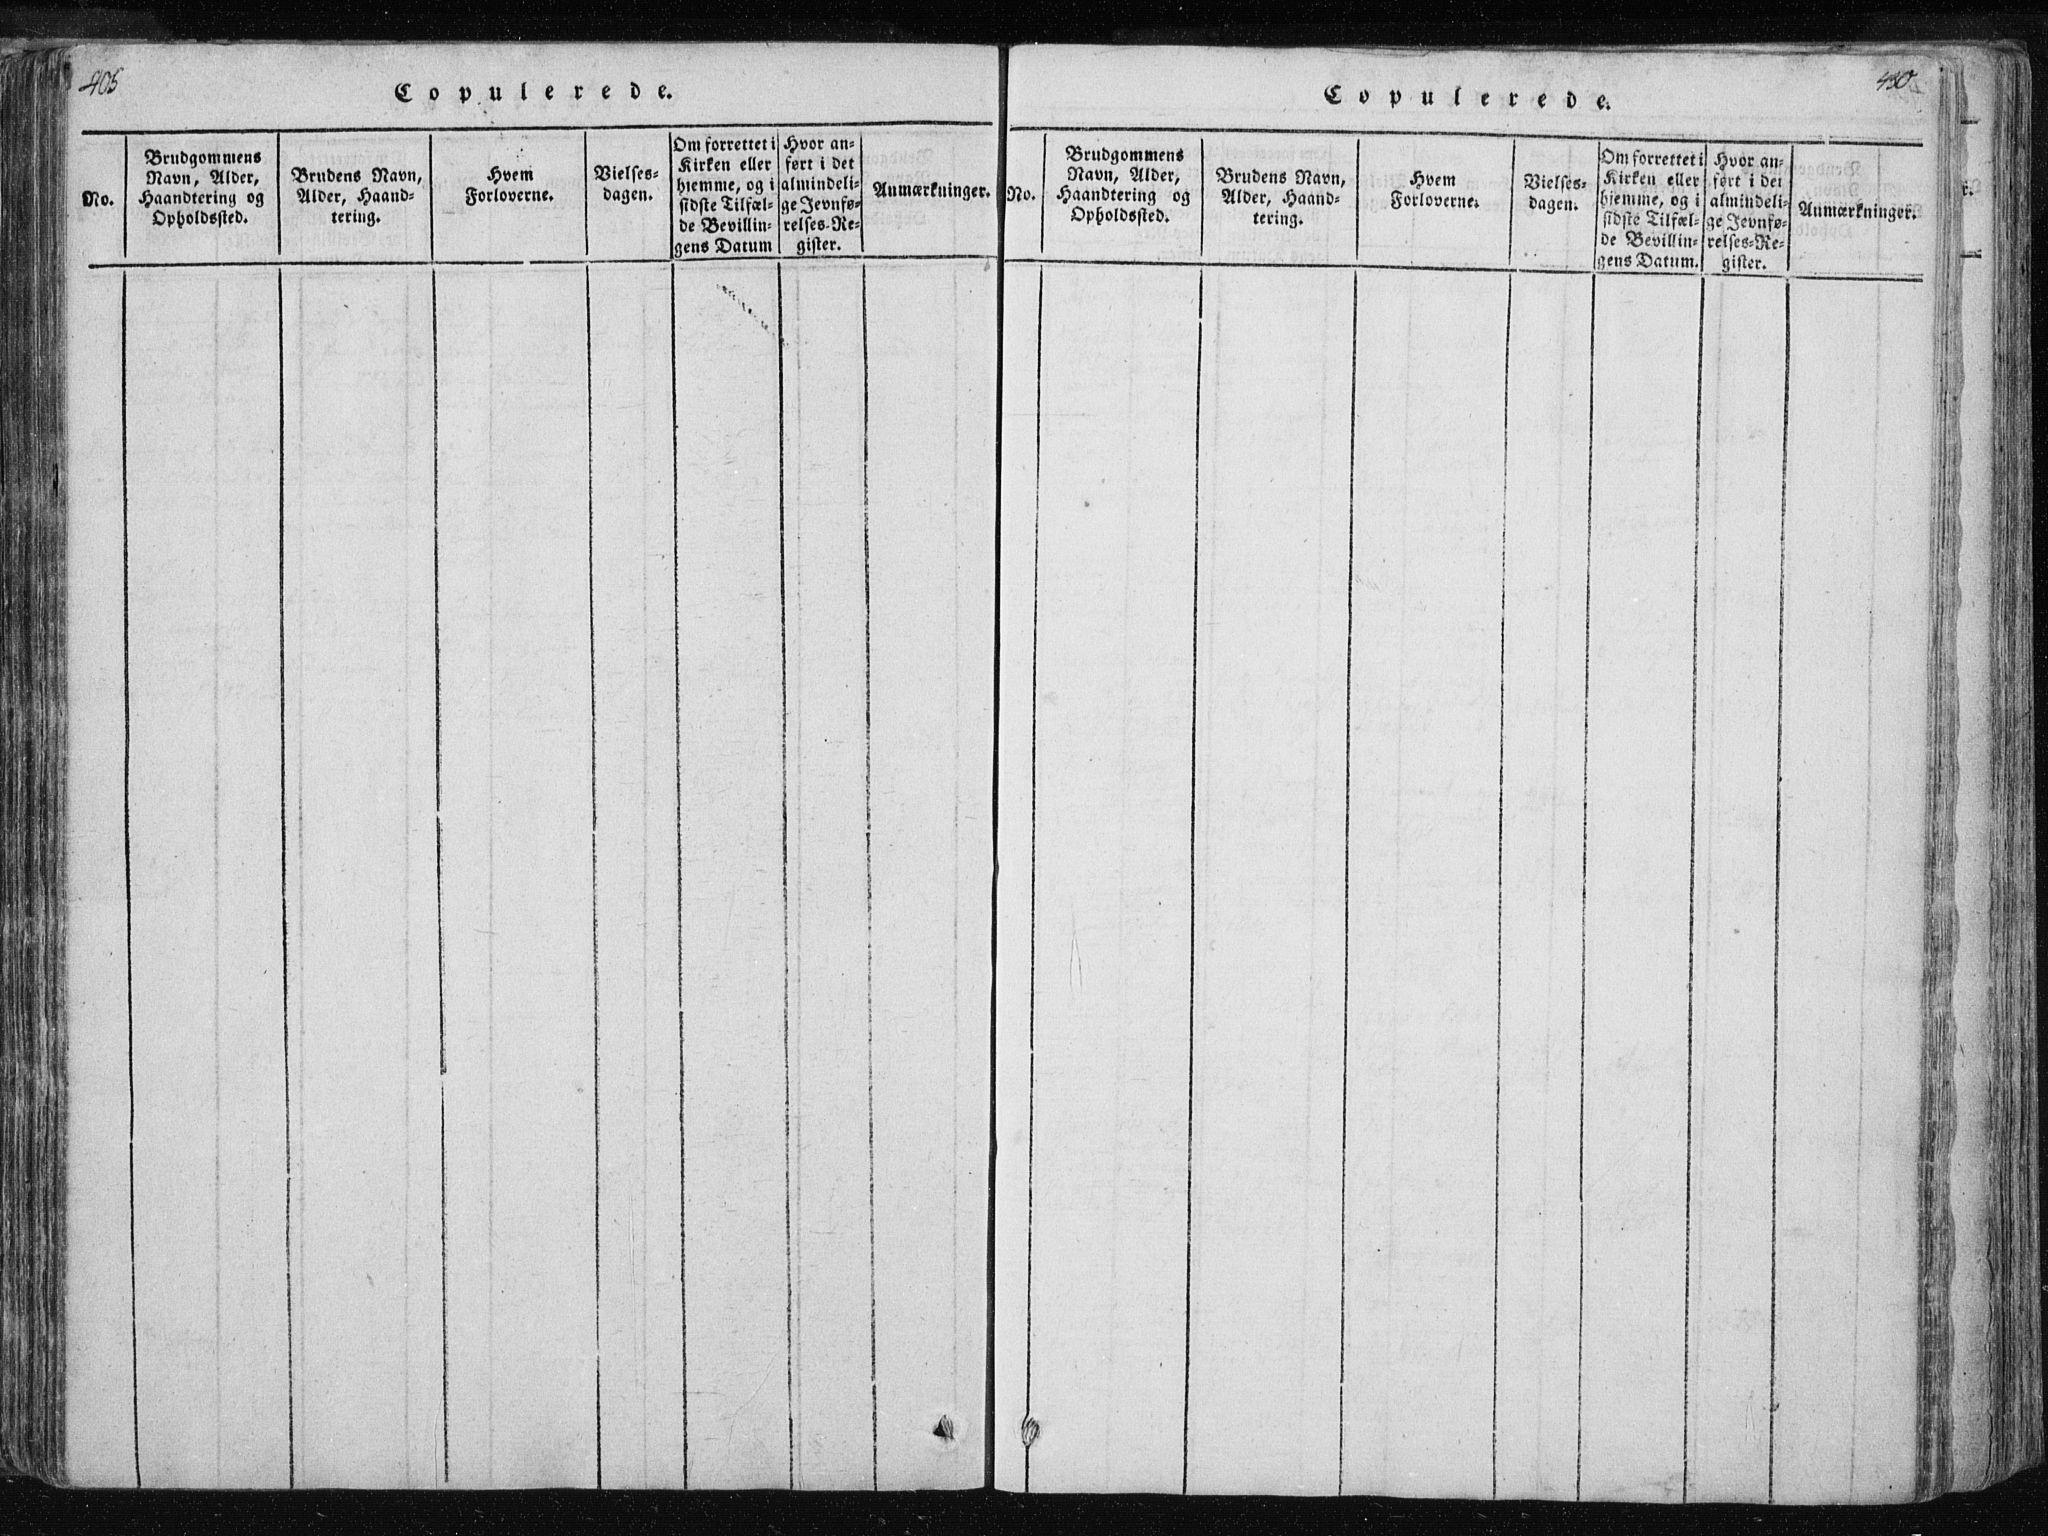 SAT, Ministerialprotokoller, klokkerbøker og fødselsregistre - Nord-Trøndelag, 717/L0148: Ministerialbok nr. 717A04 /1, 1816-1825, s. 405-406